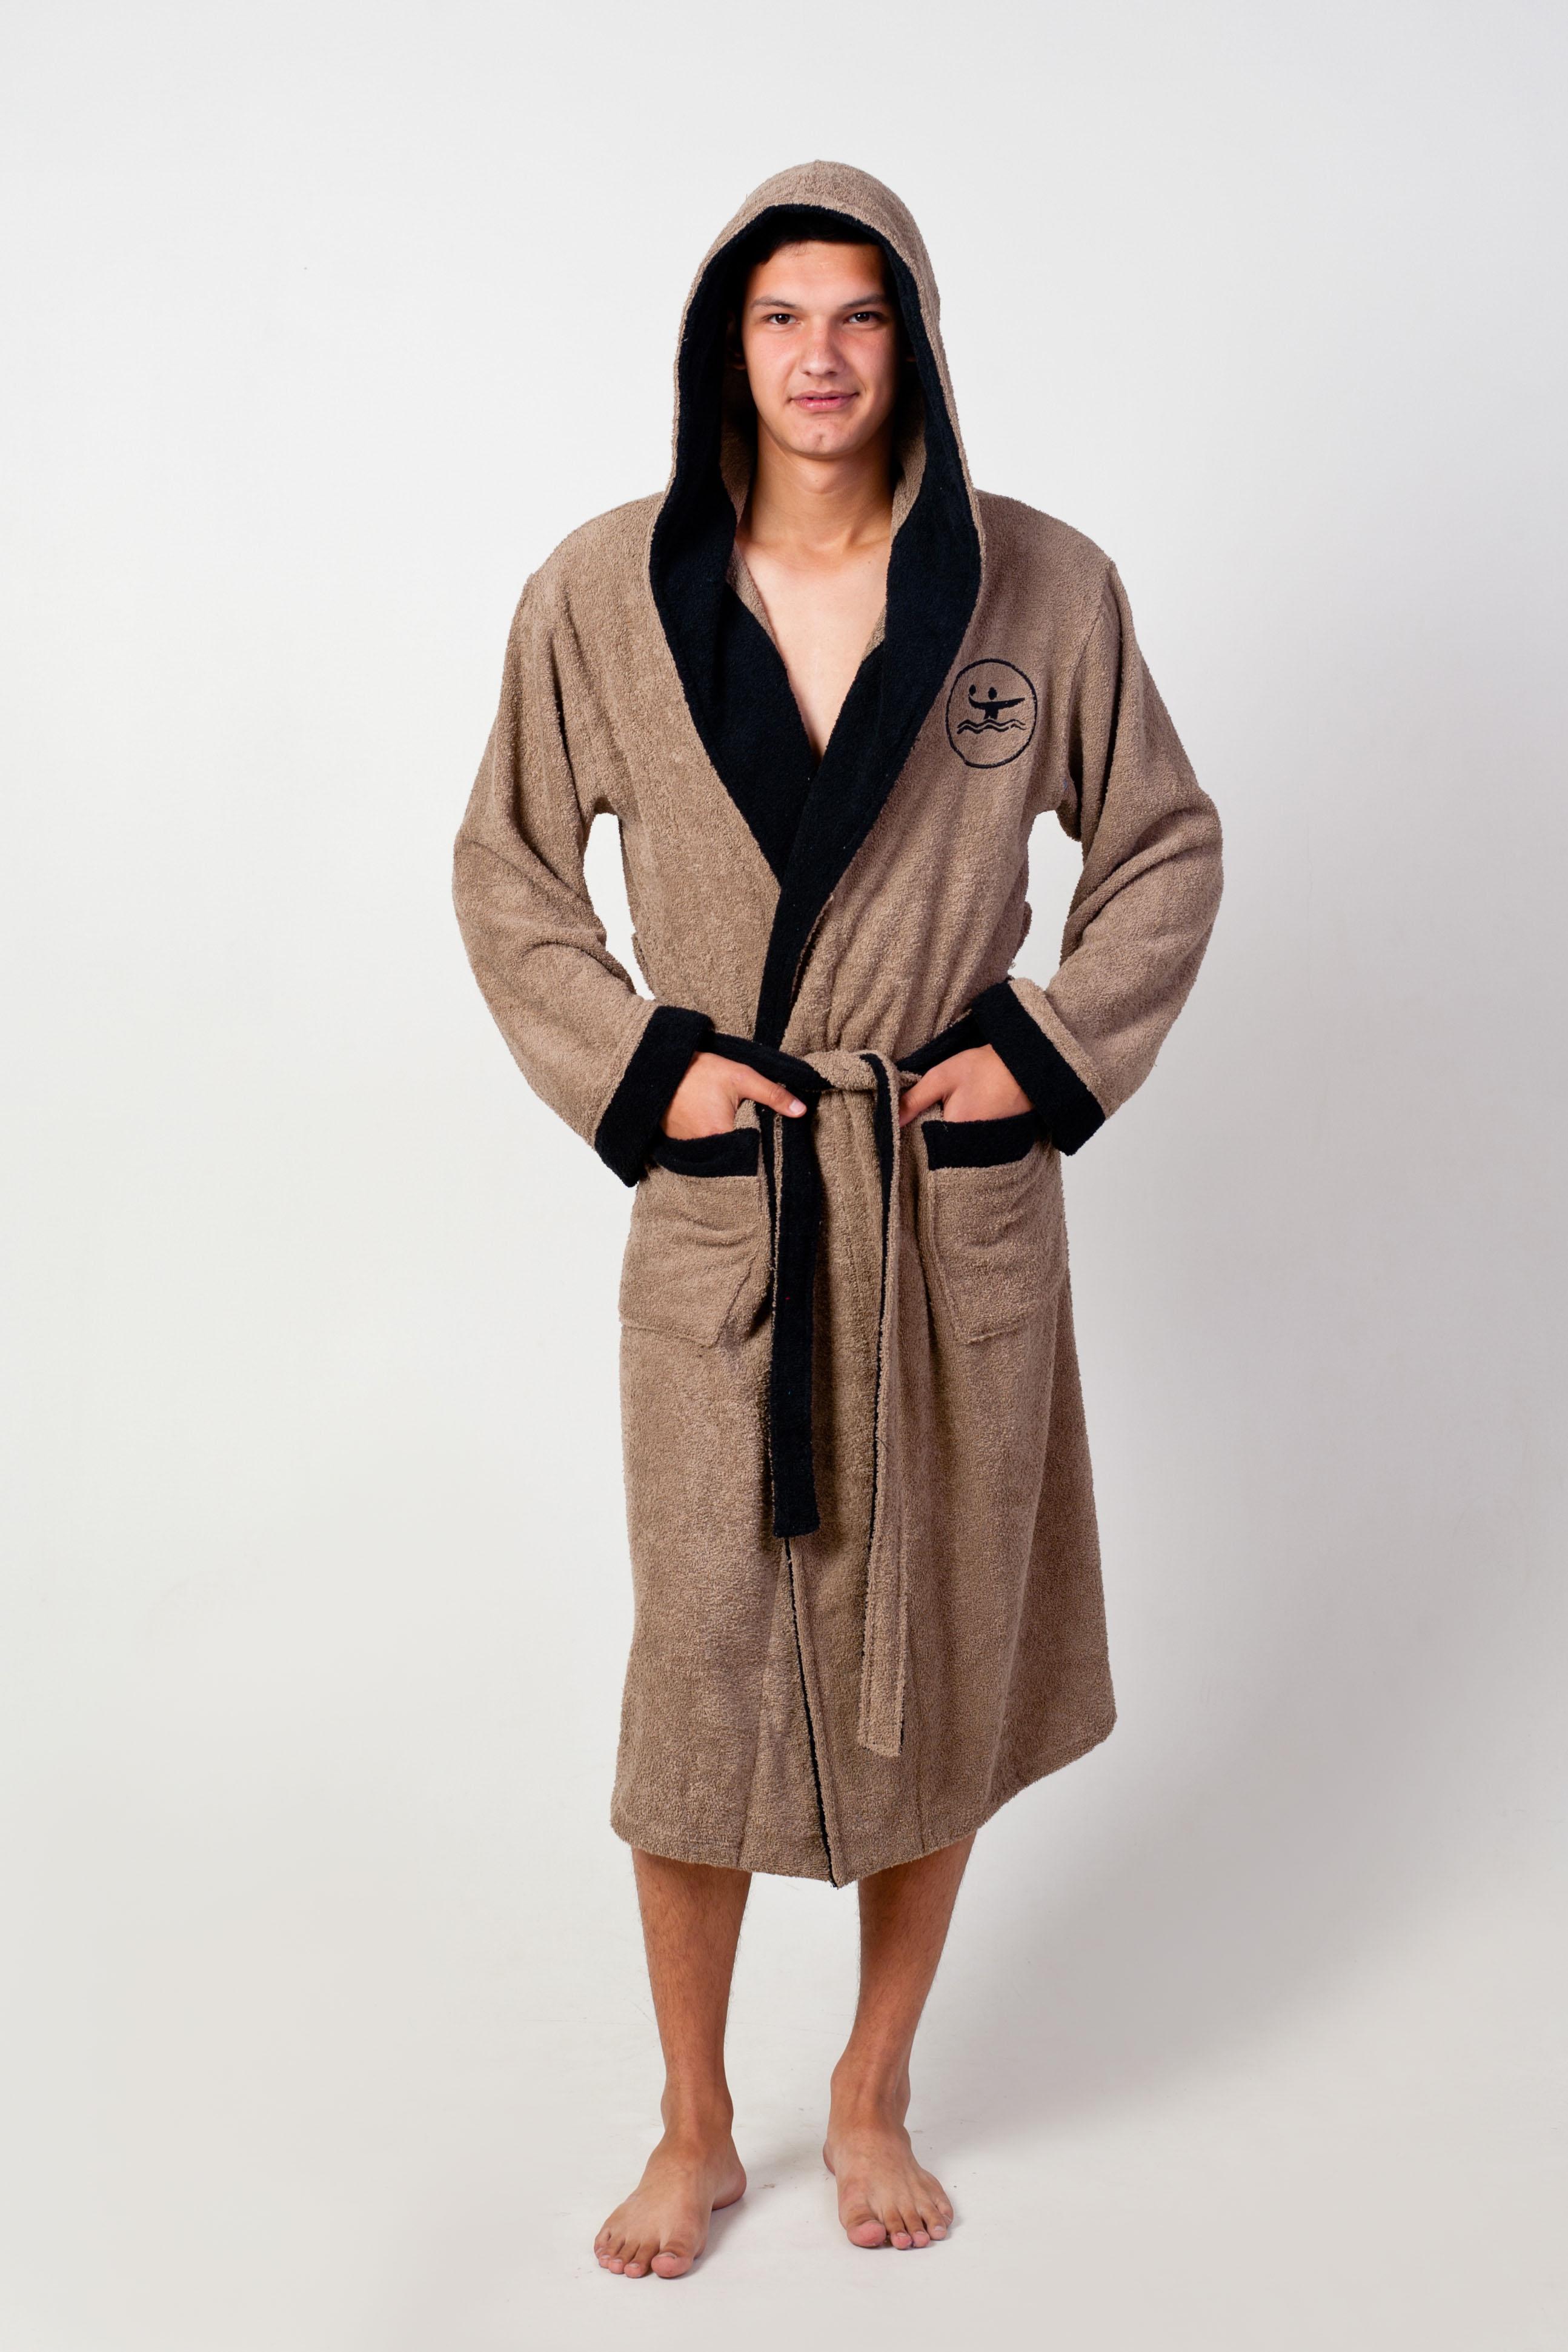 Халат мужской Пловец запашнойМужские халаты<br><br><br>Размер: 56